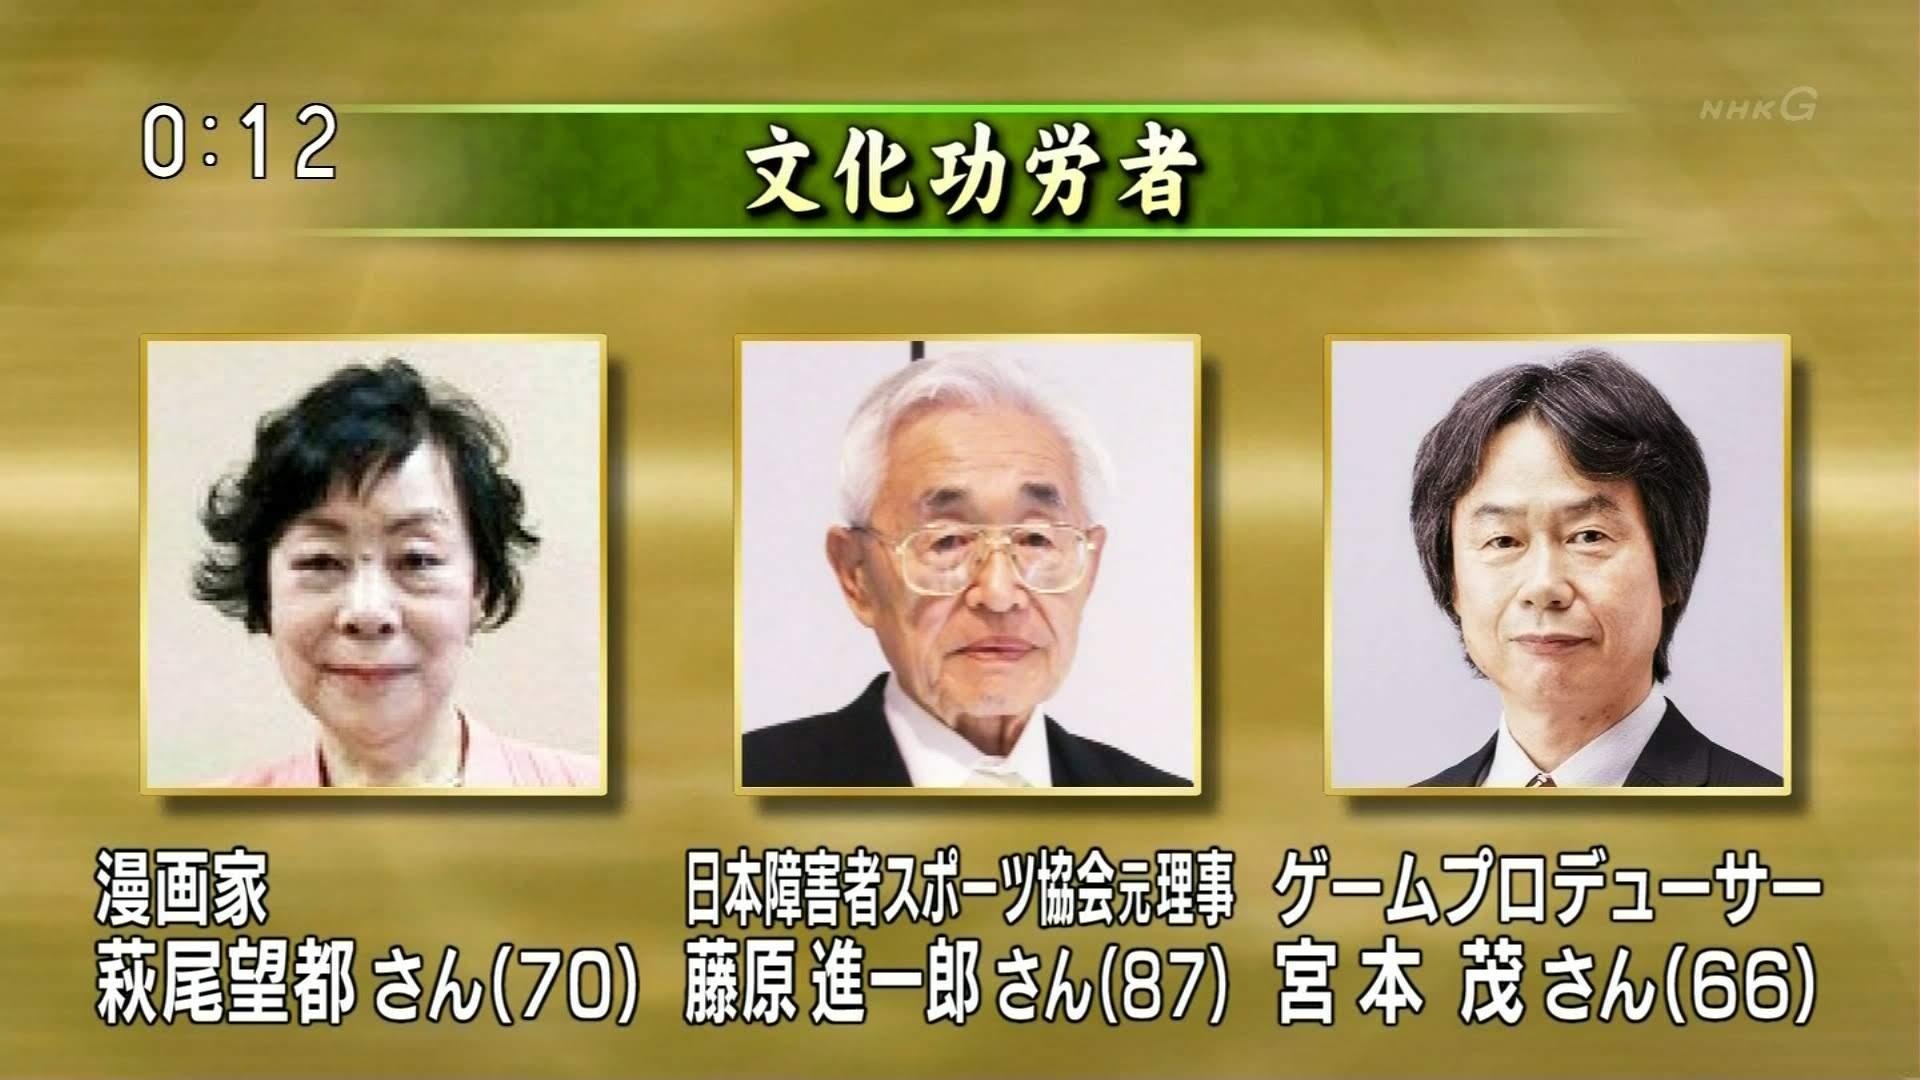 【朗報】任天堂の宮本茂(66)さん、文化功労者受賞!